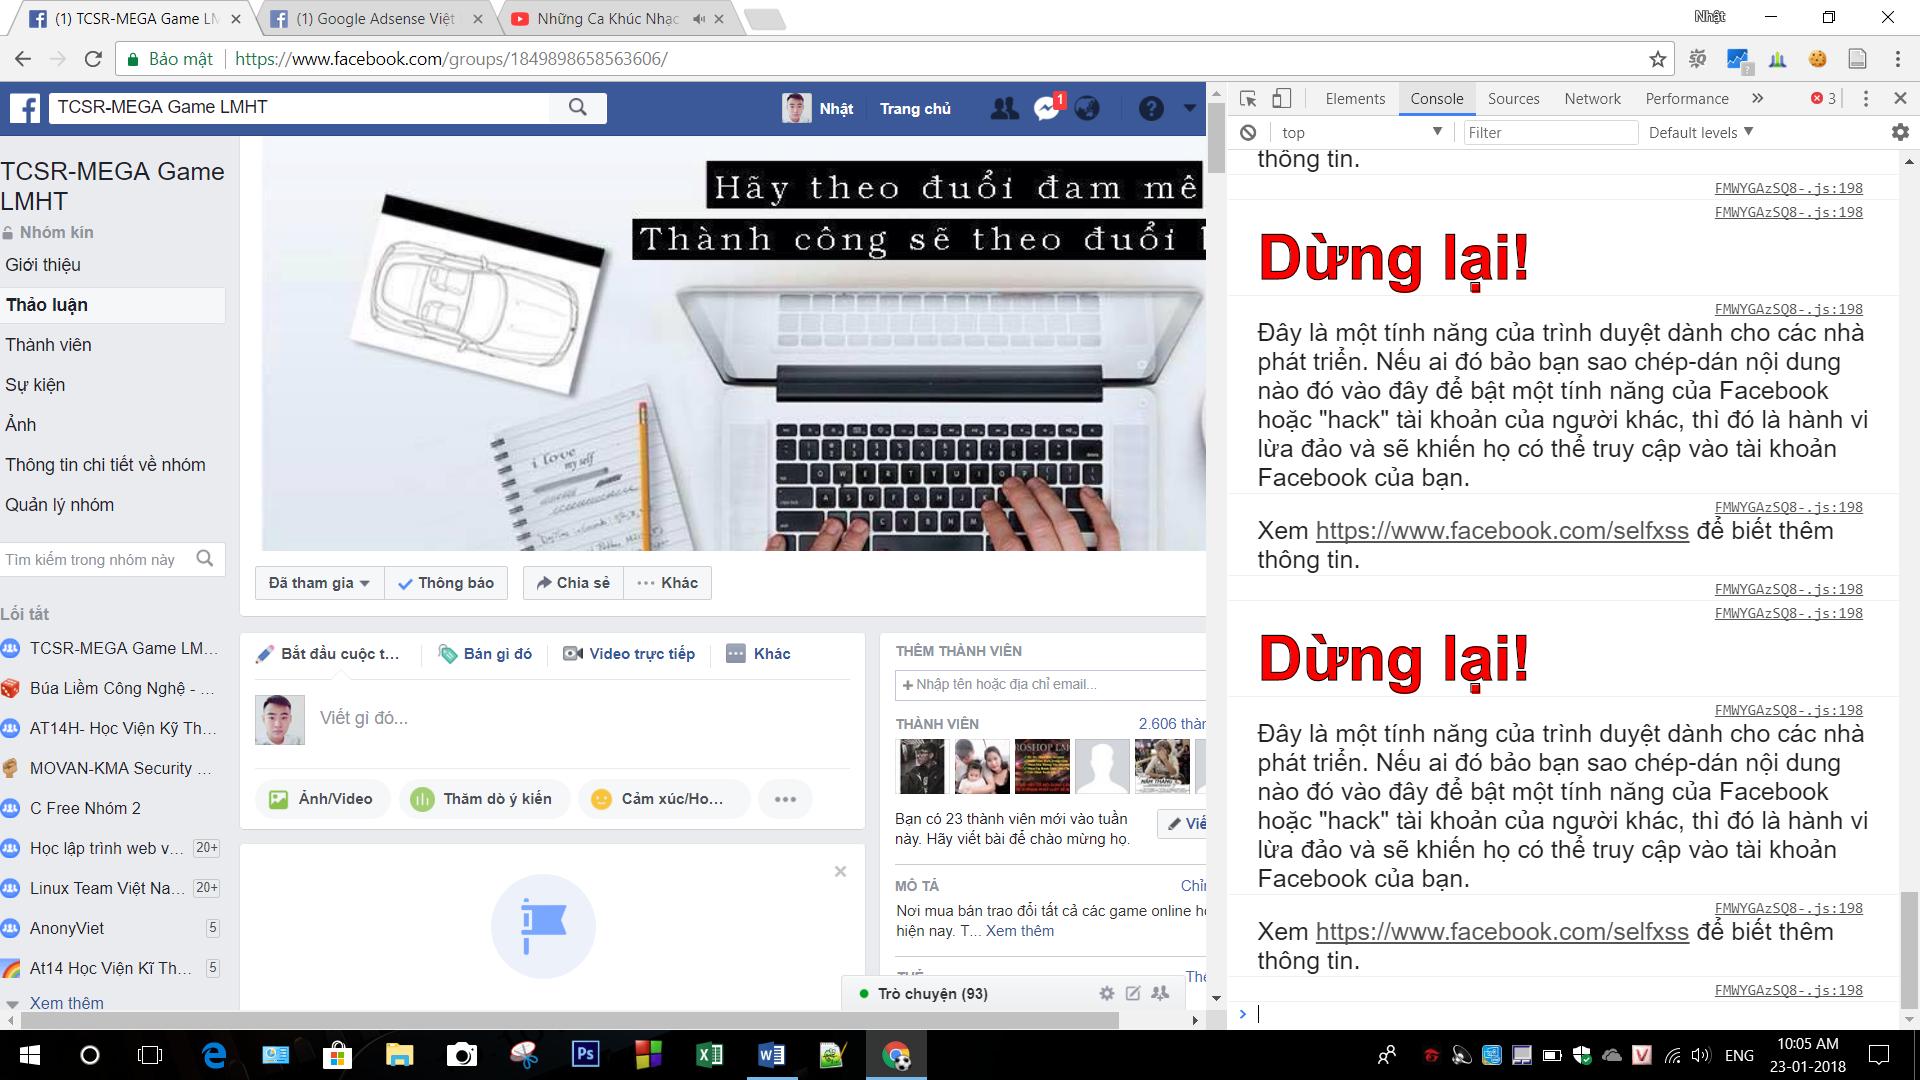 Cách thêm bạn bè vào Group Facebook với 1 click